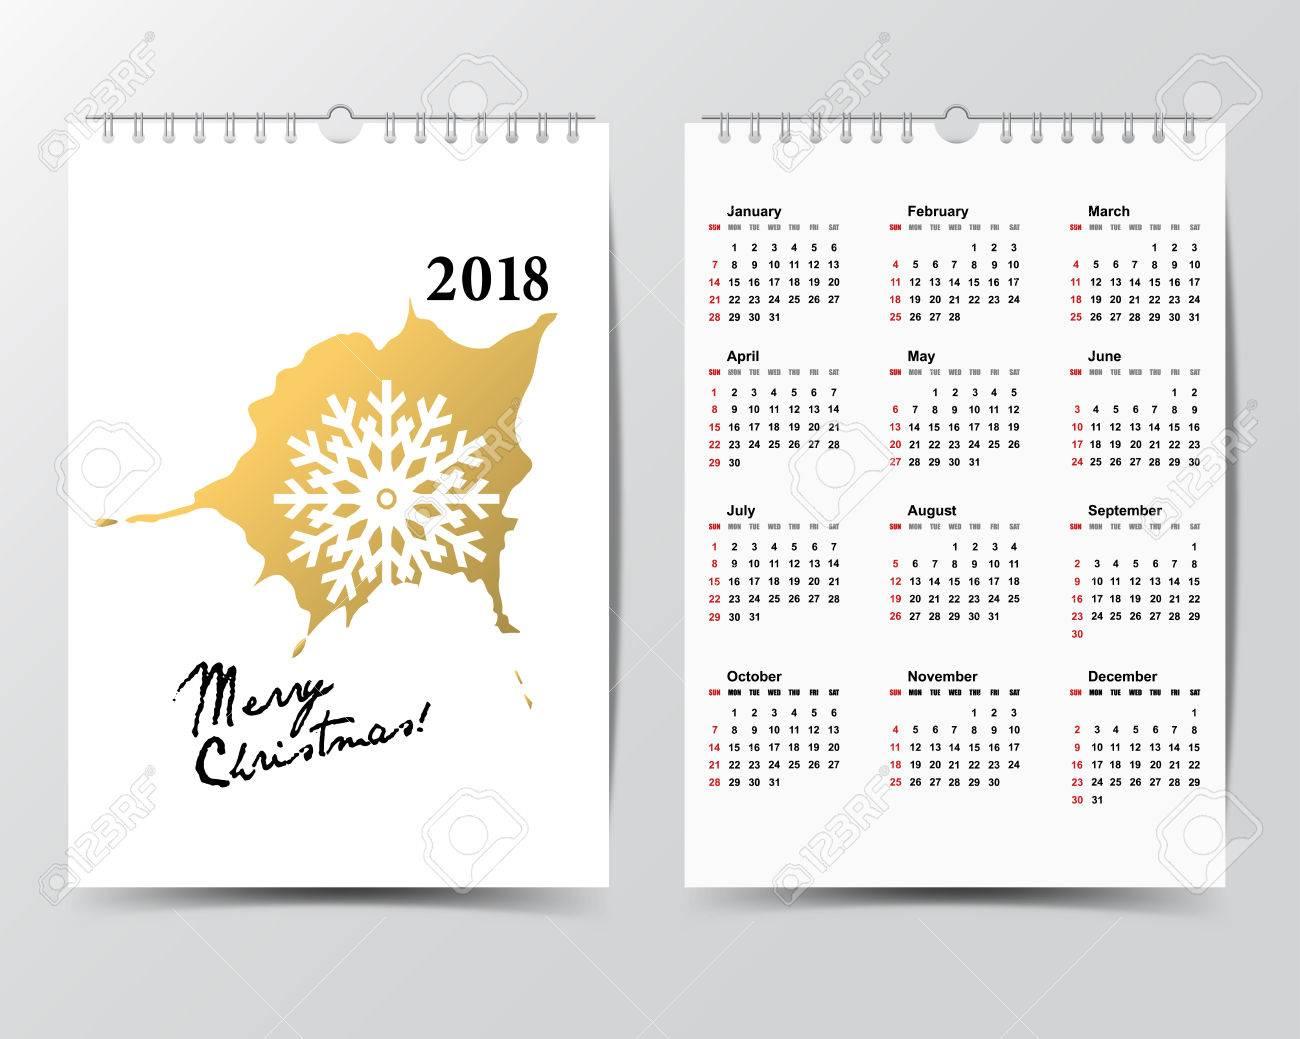 Berühmt Woche Kalender Vorlage Wort Bilder - Bilder für das ...